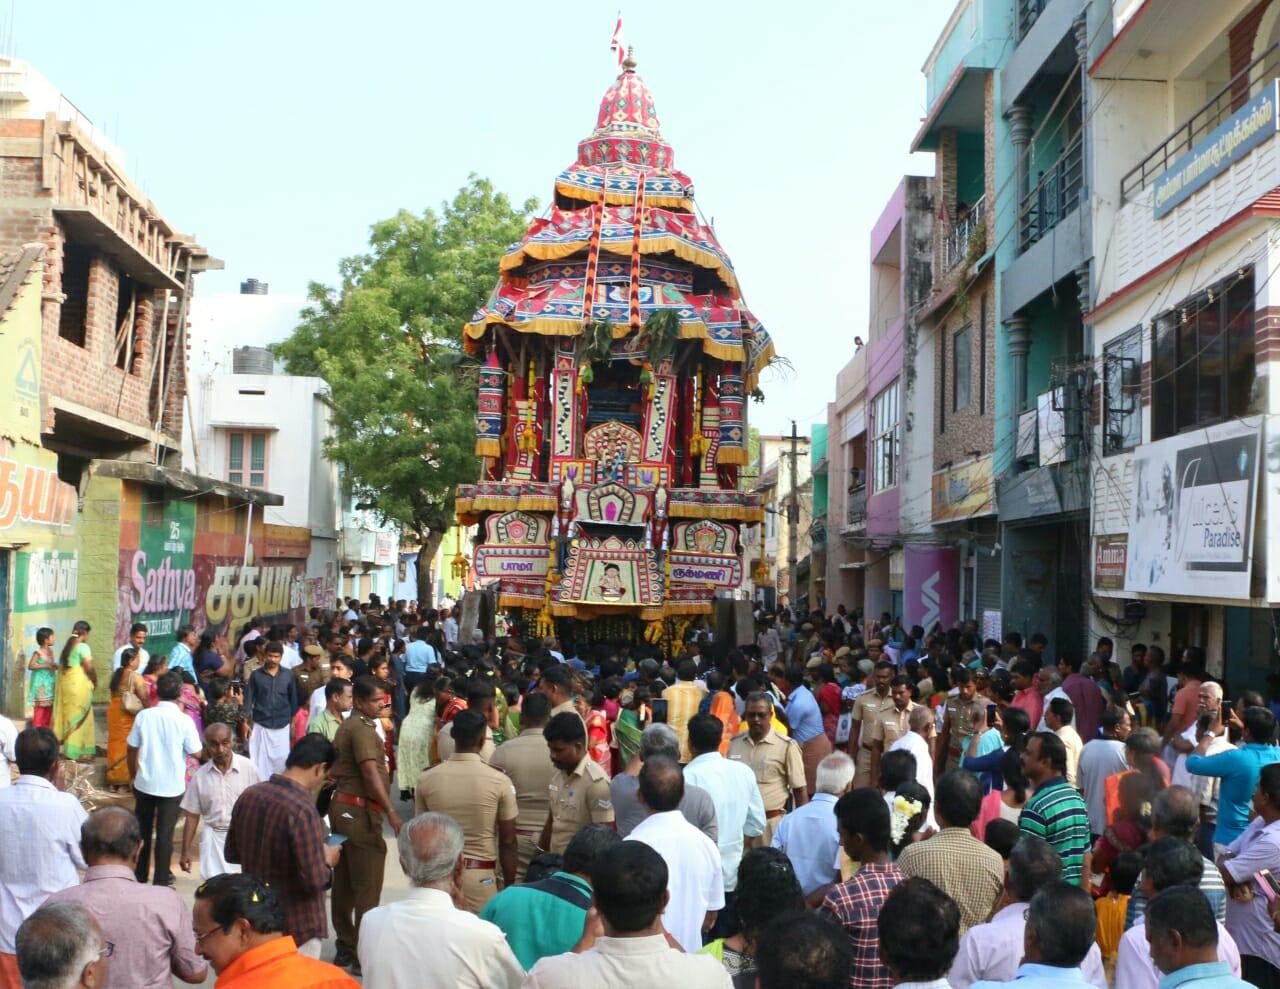 வரலாற்று சிறப்பு பெற்ற அருள்மிகு நாகர்கோவில் நாகராஜா கோயிலில் தேரோட்டம்